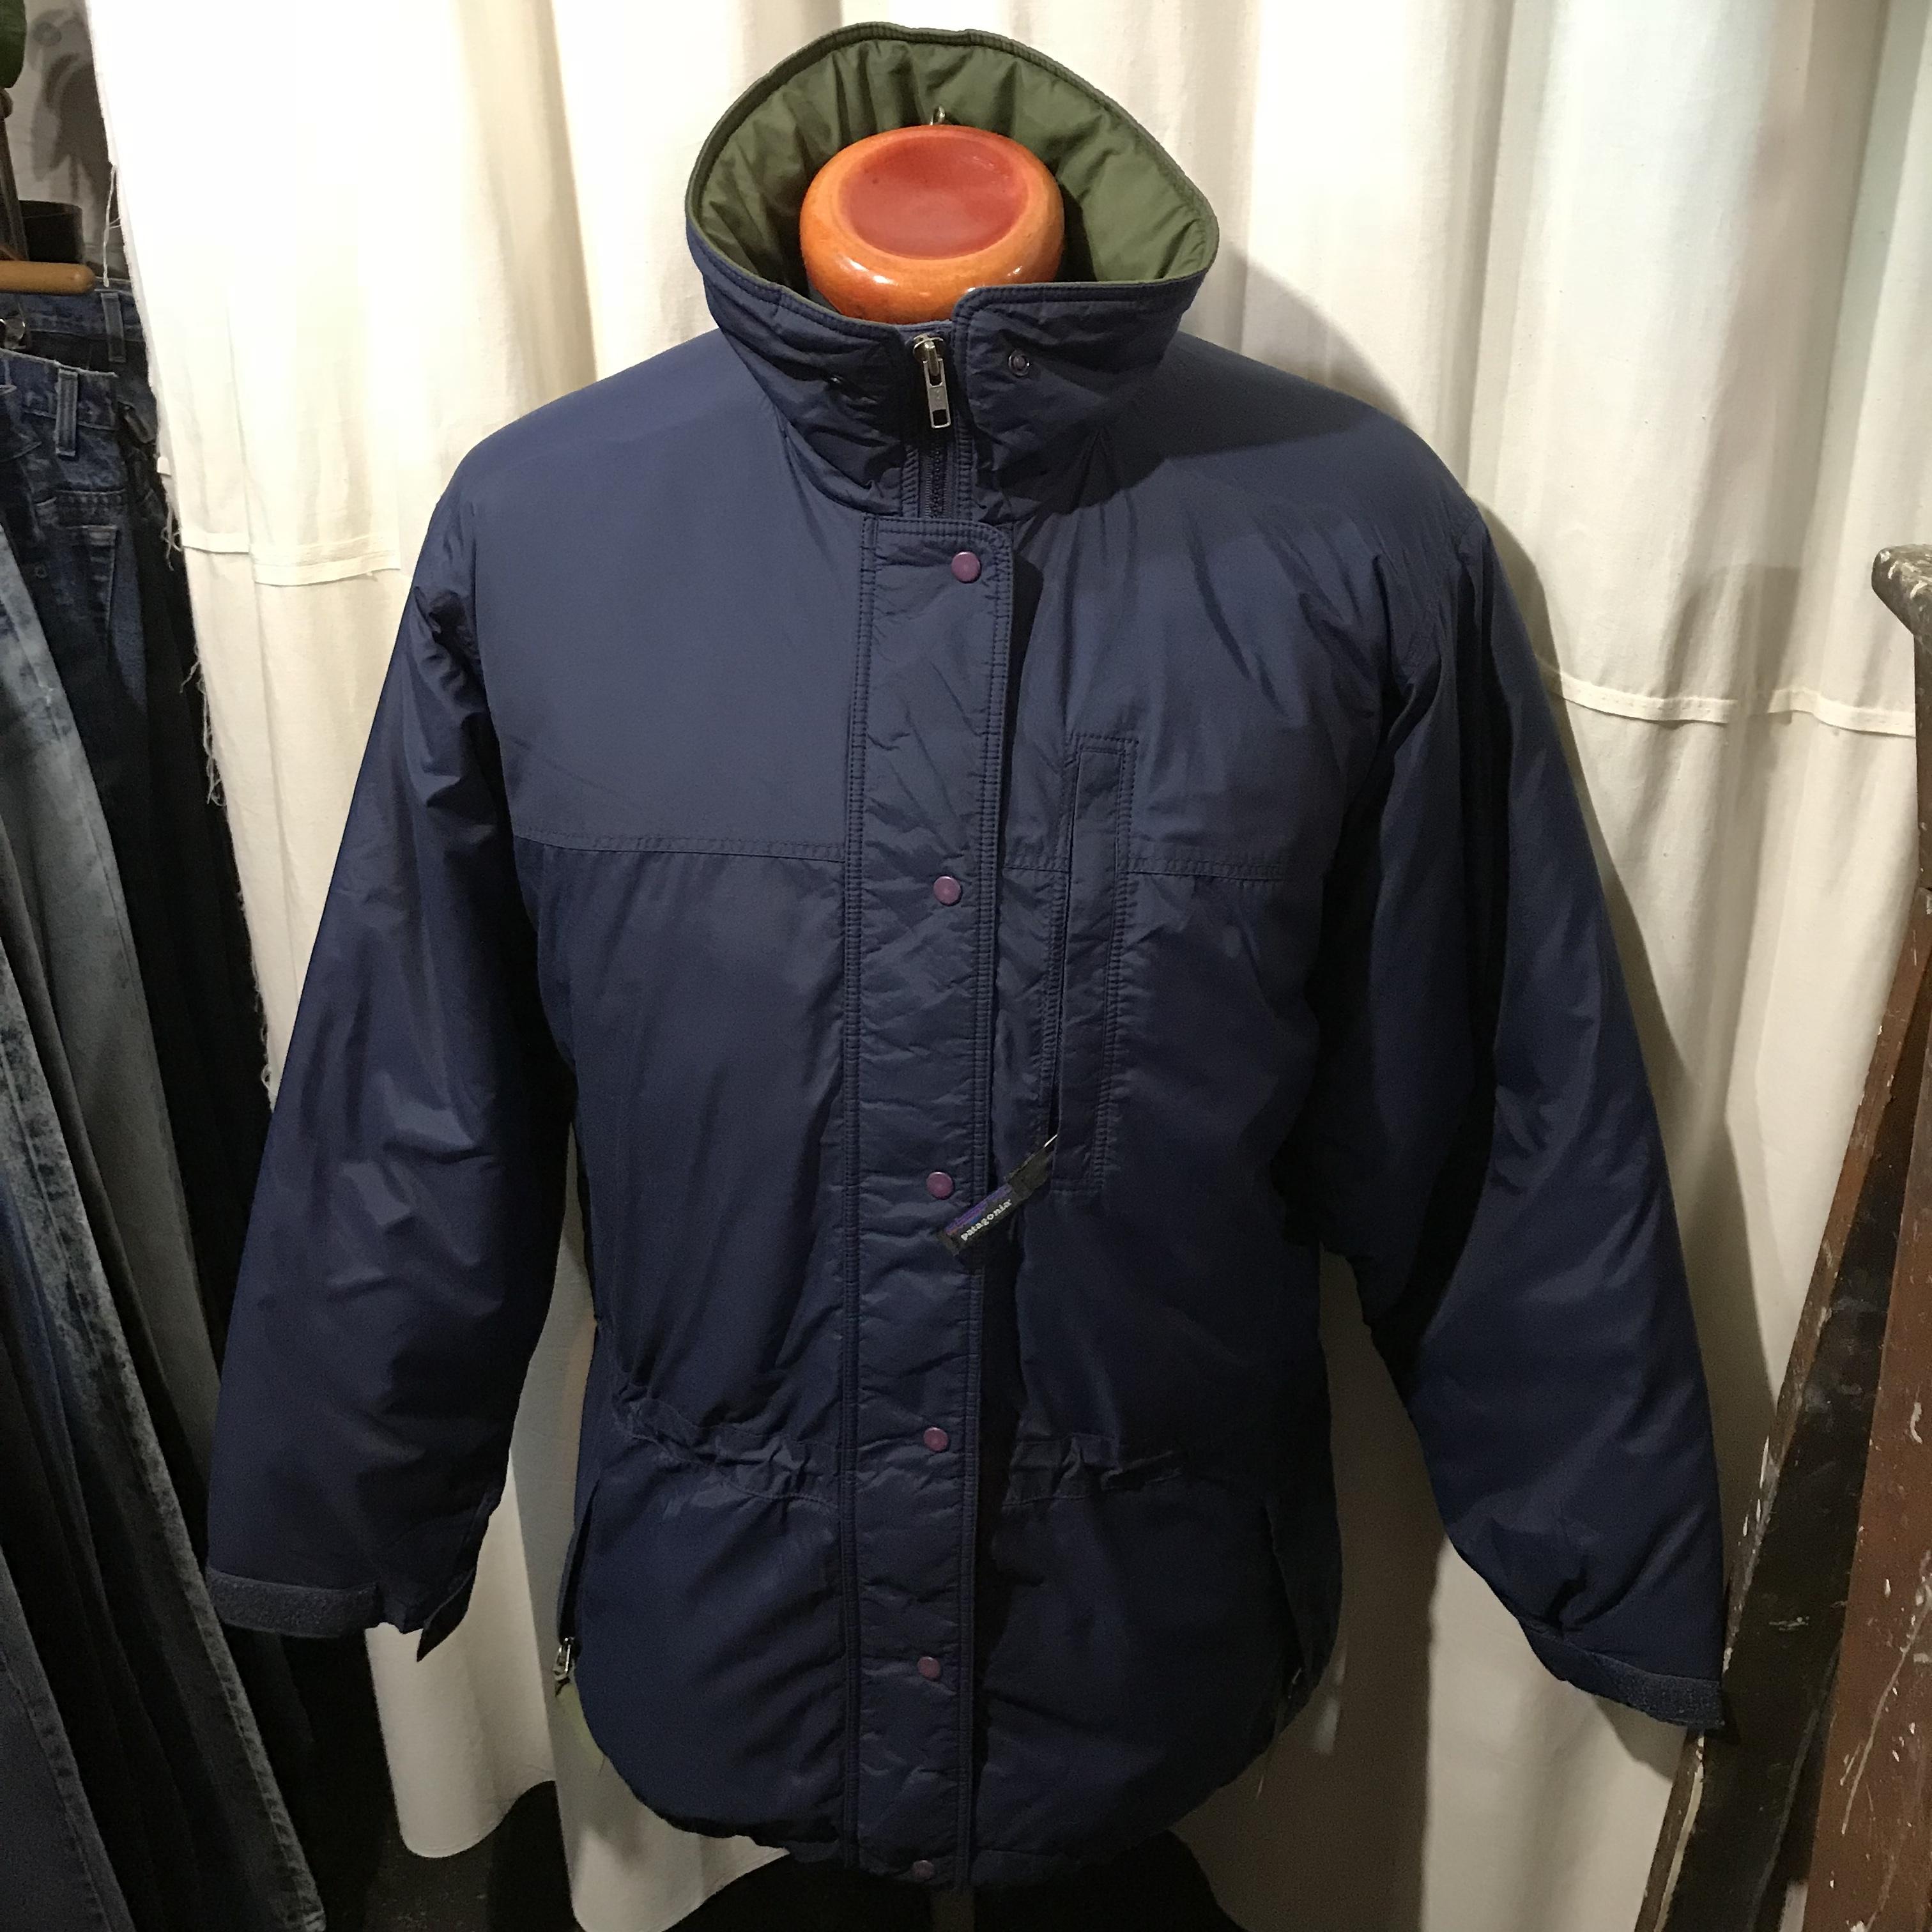 92年~94年製造 雪無しタグ Patagonia パタゴニア マウンテンジャケット メンズL~XL